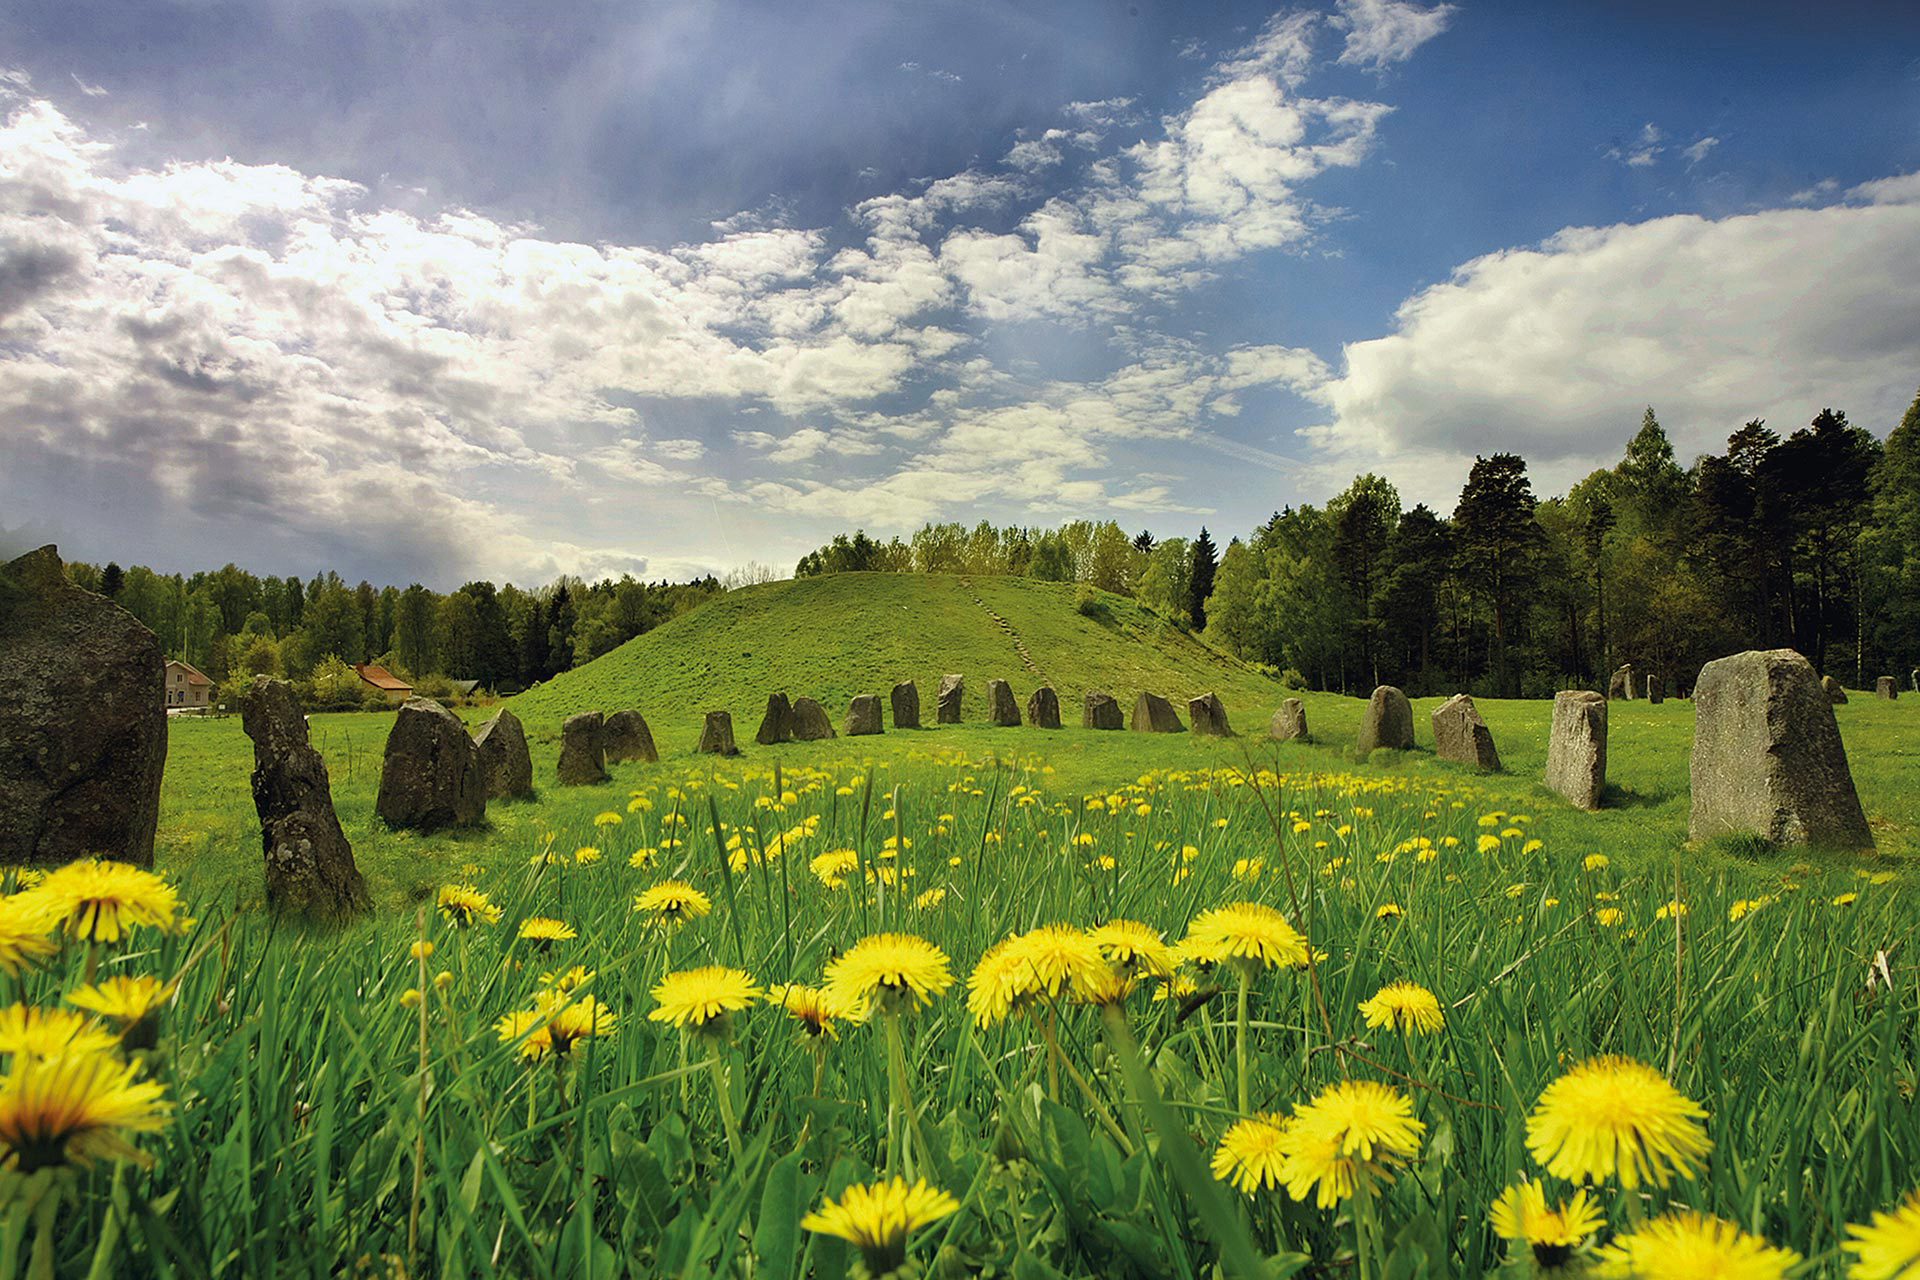 Anundshög i Västerås, Sveriges största forntida gravhög. Fotograf: Clifford Shirly